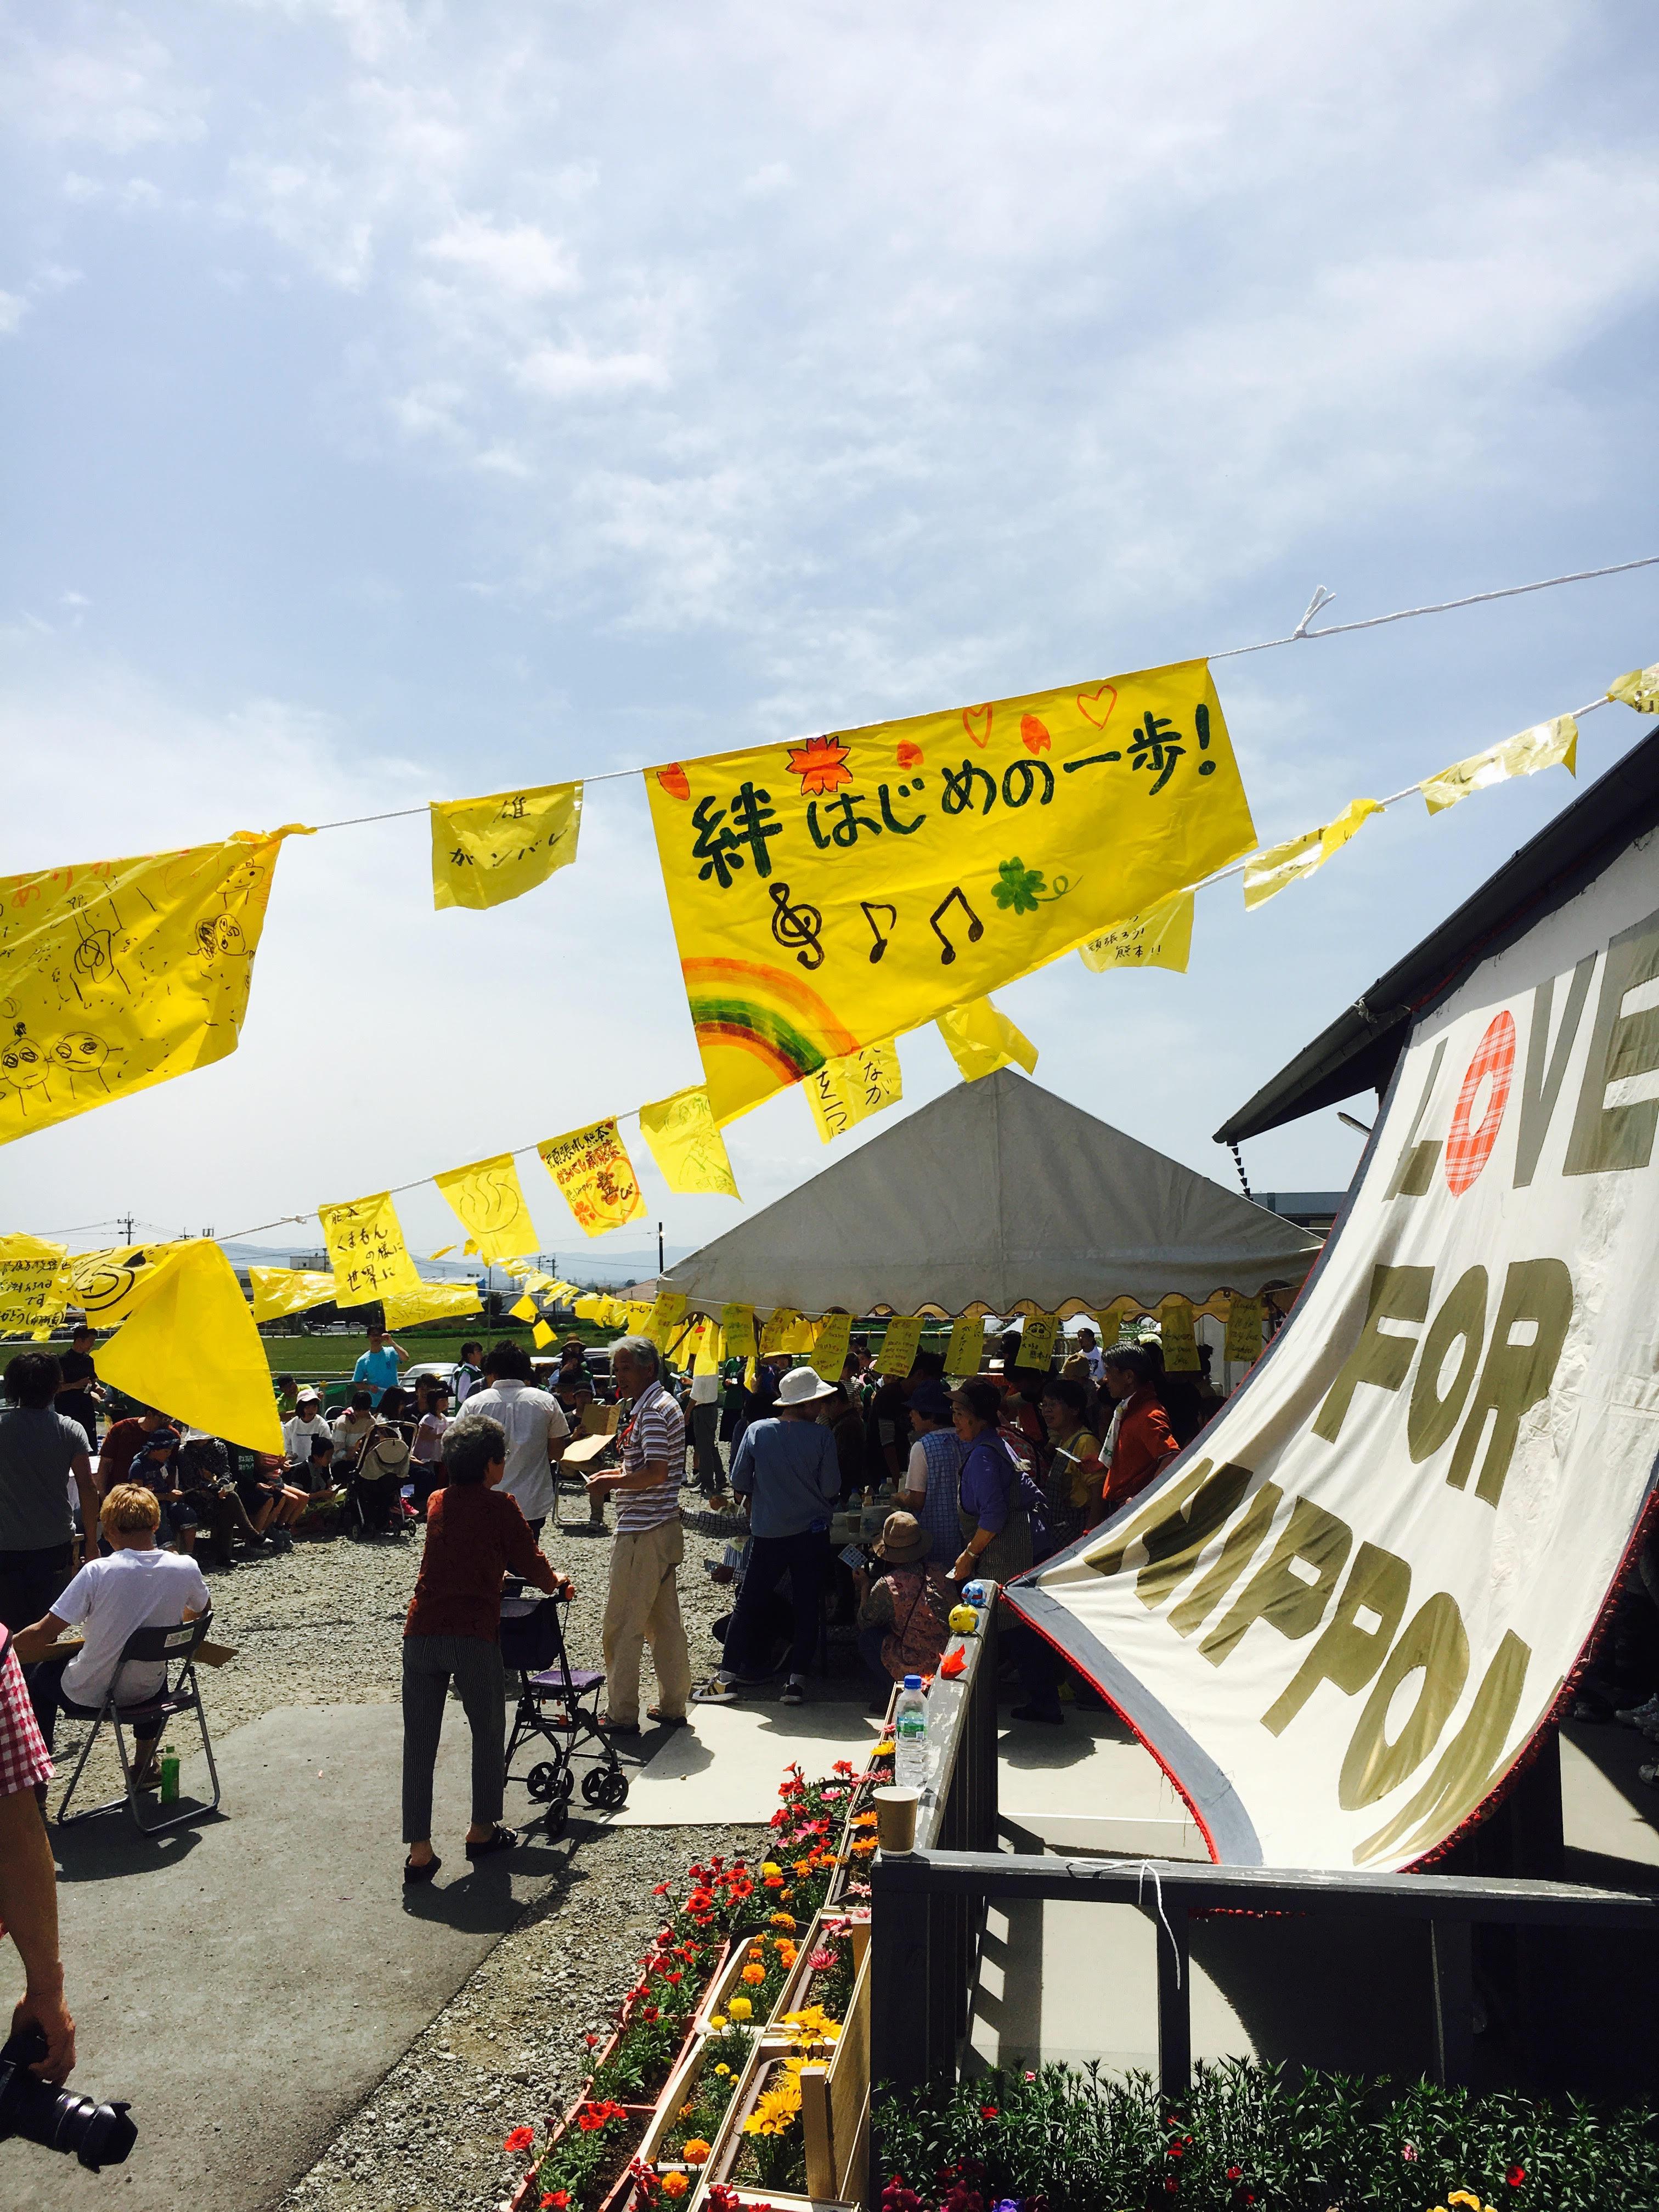 九州水害被害に対しての支援活動